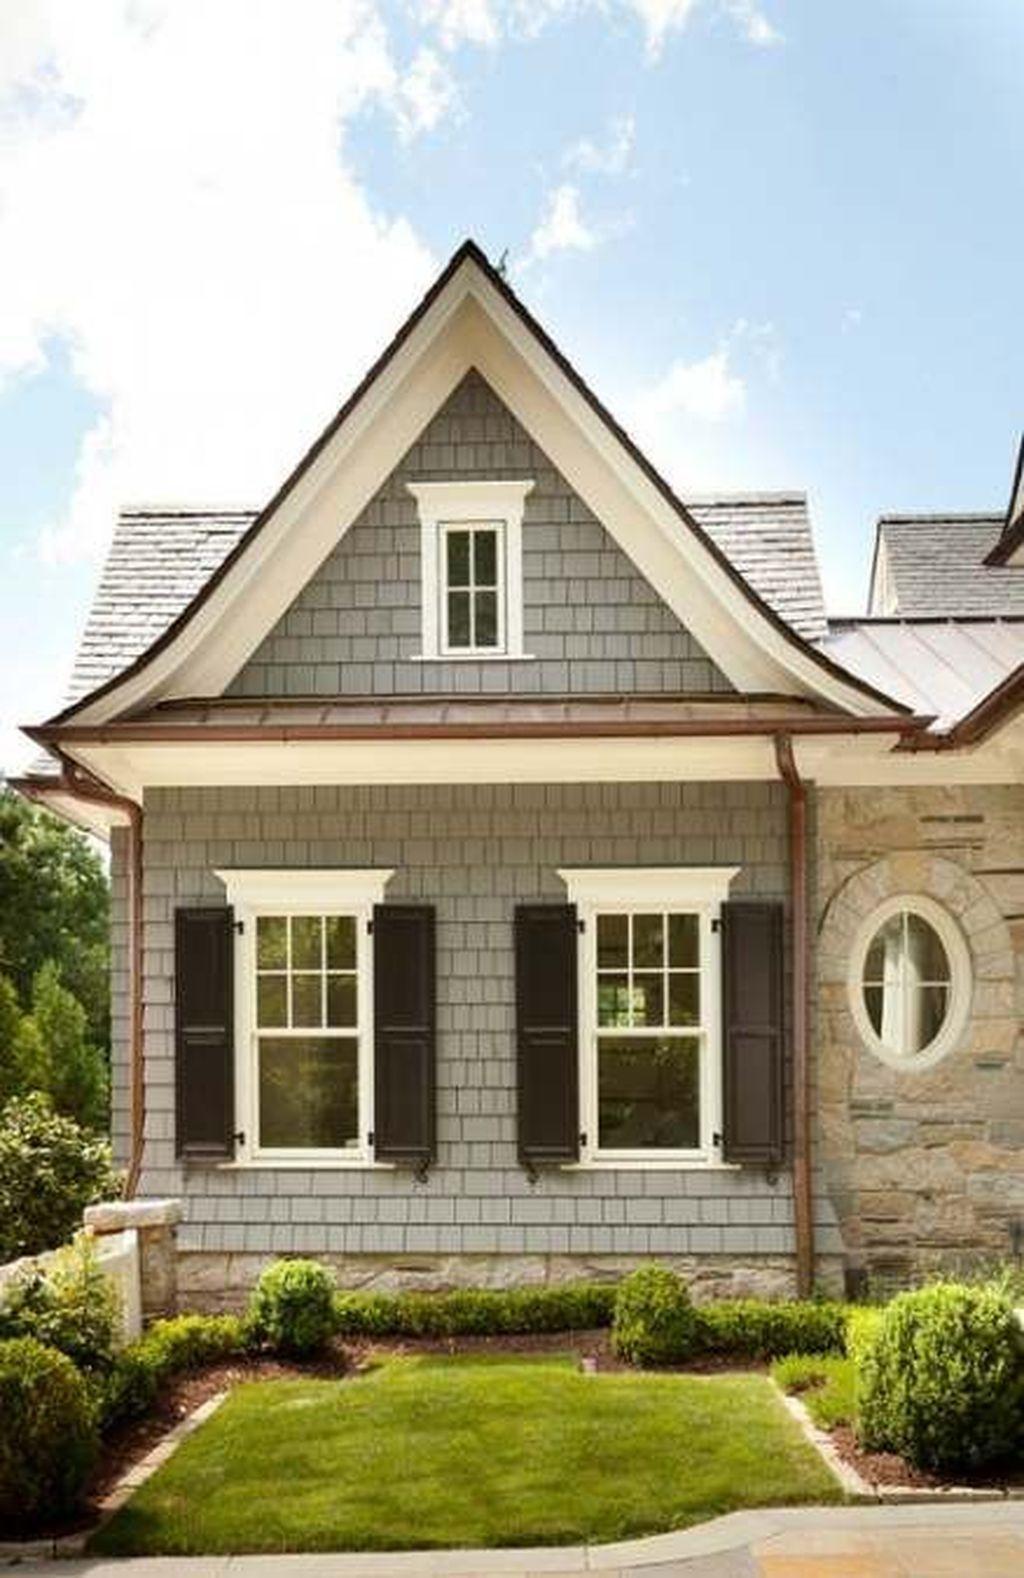 30 Beautiful Farmhouse Exterior Paint Colors Ideas In 2020 House Paint Exterior Window Trim Exterior Exterior Paint Colors For House